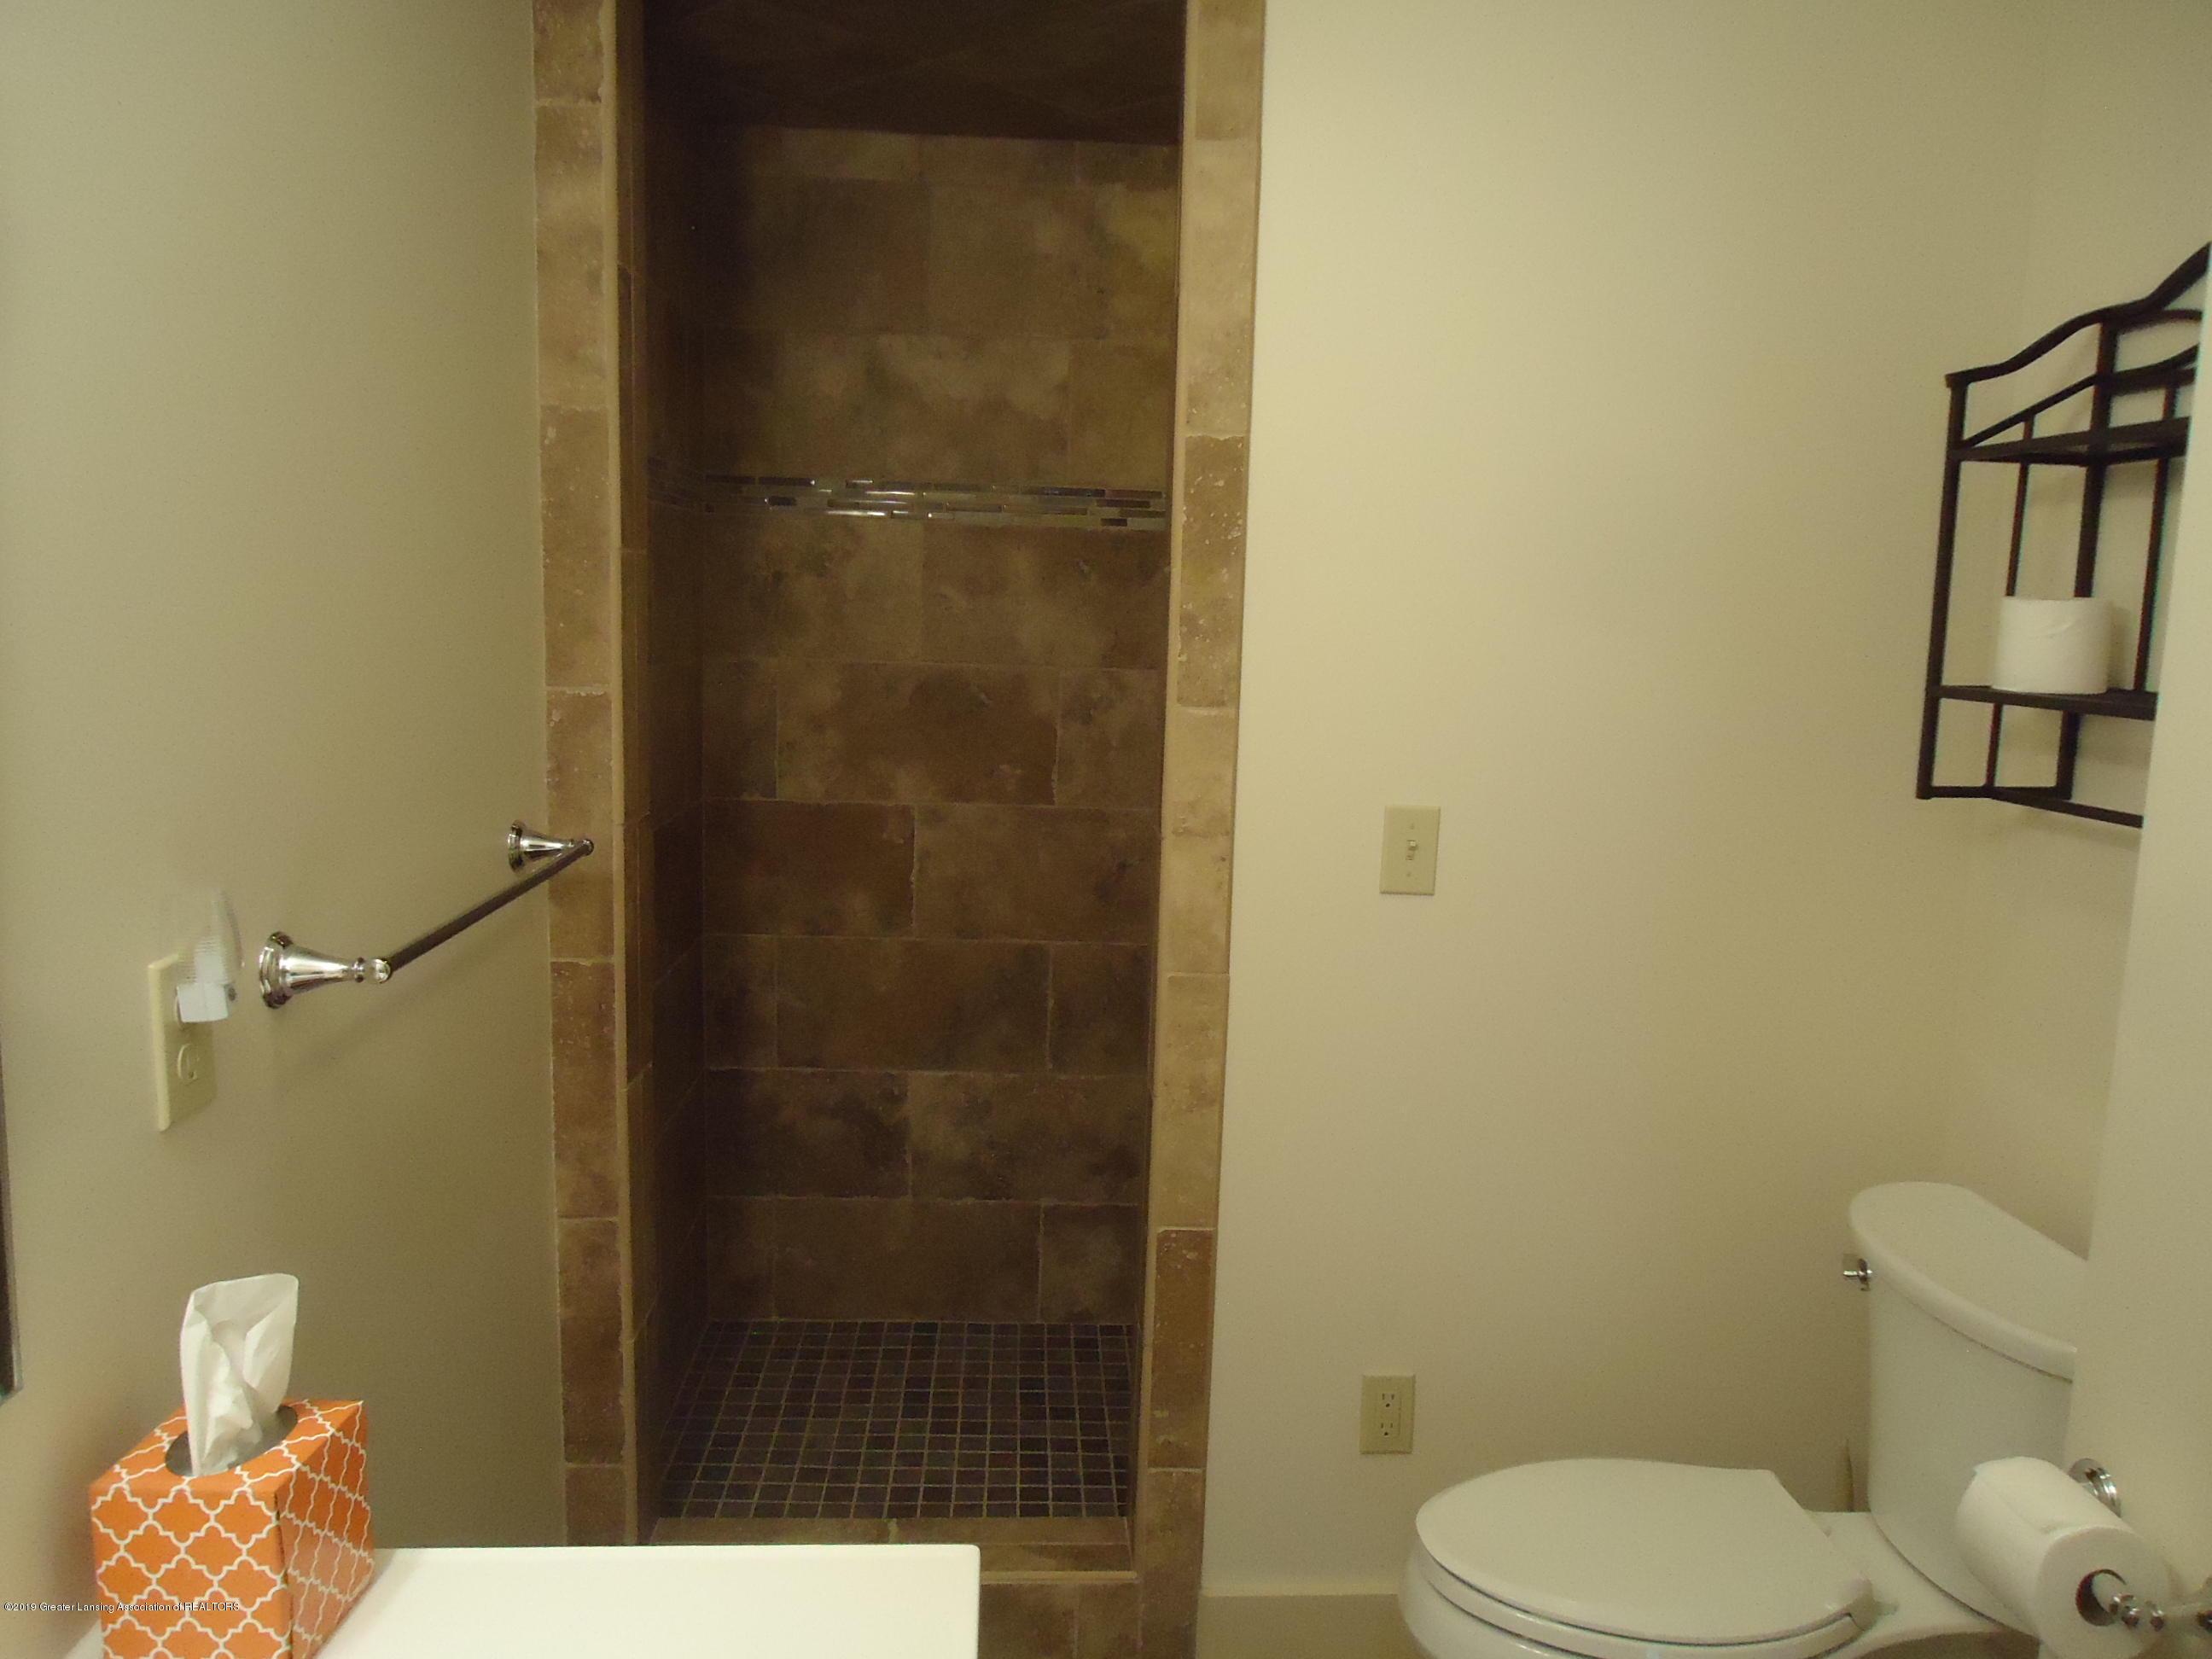 309 E Lovett St - 23 Bathroom 2 up - 19